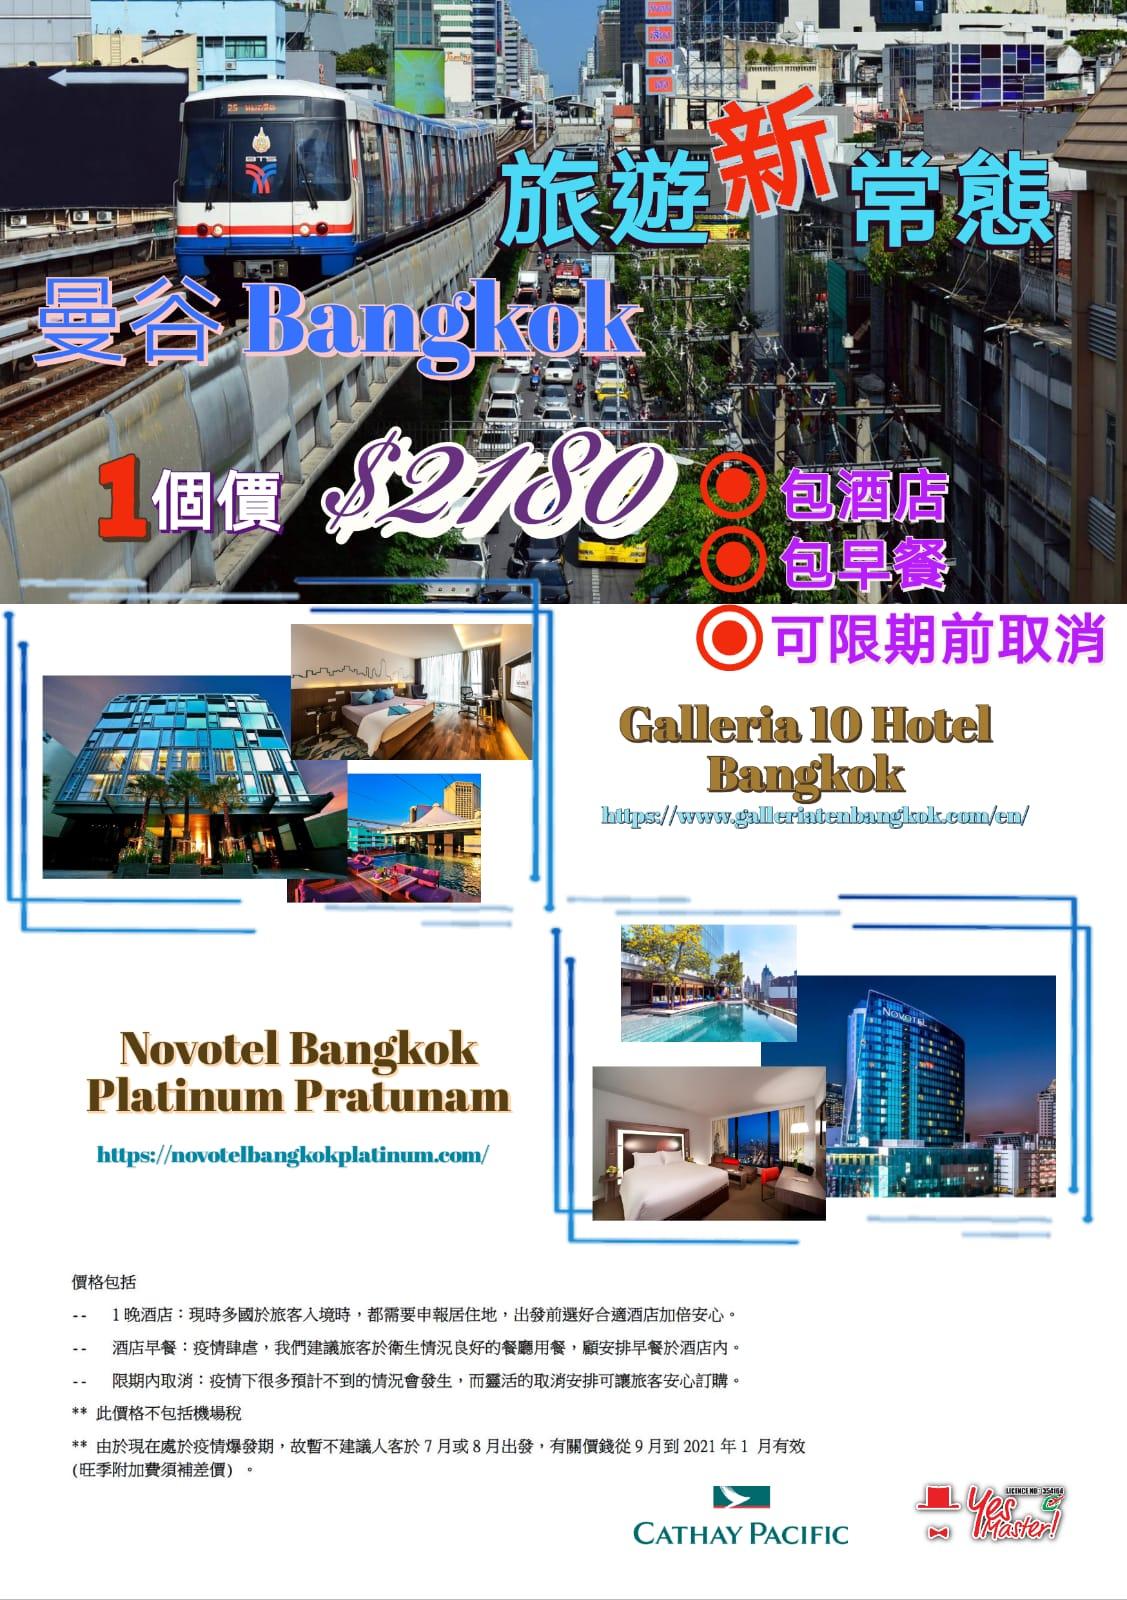 旅遊新常態-曼谷